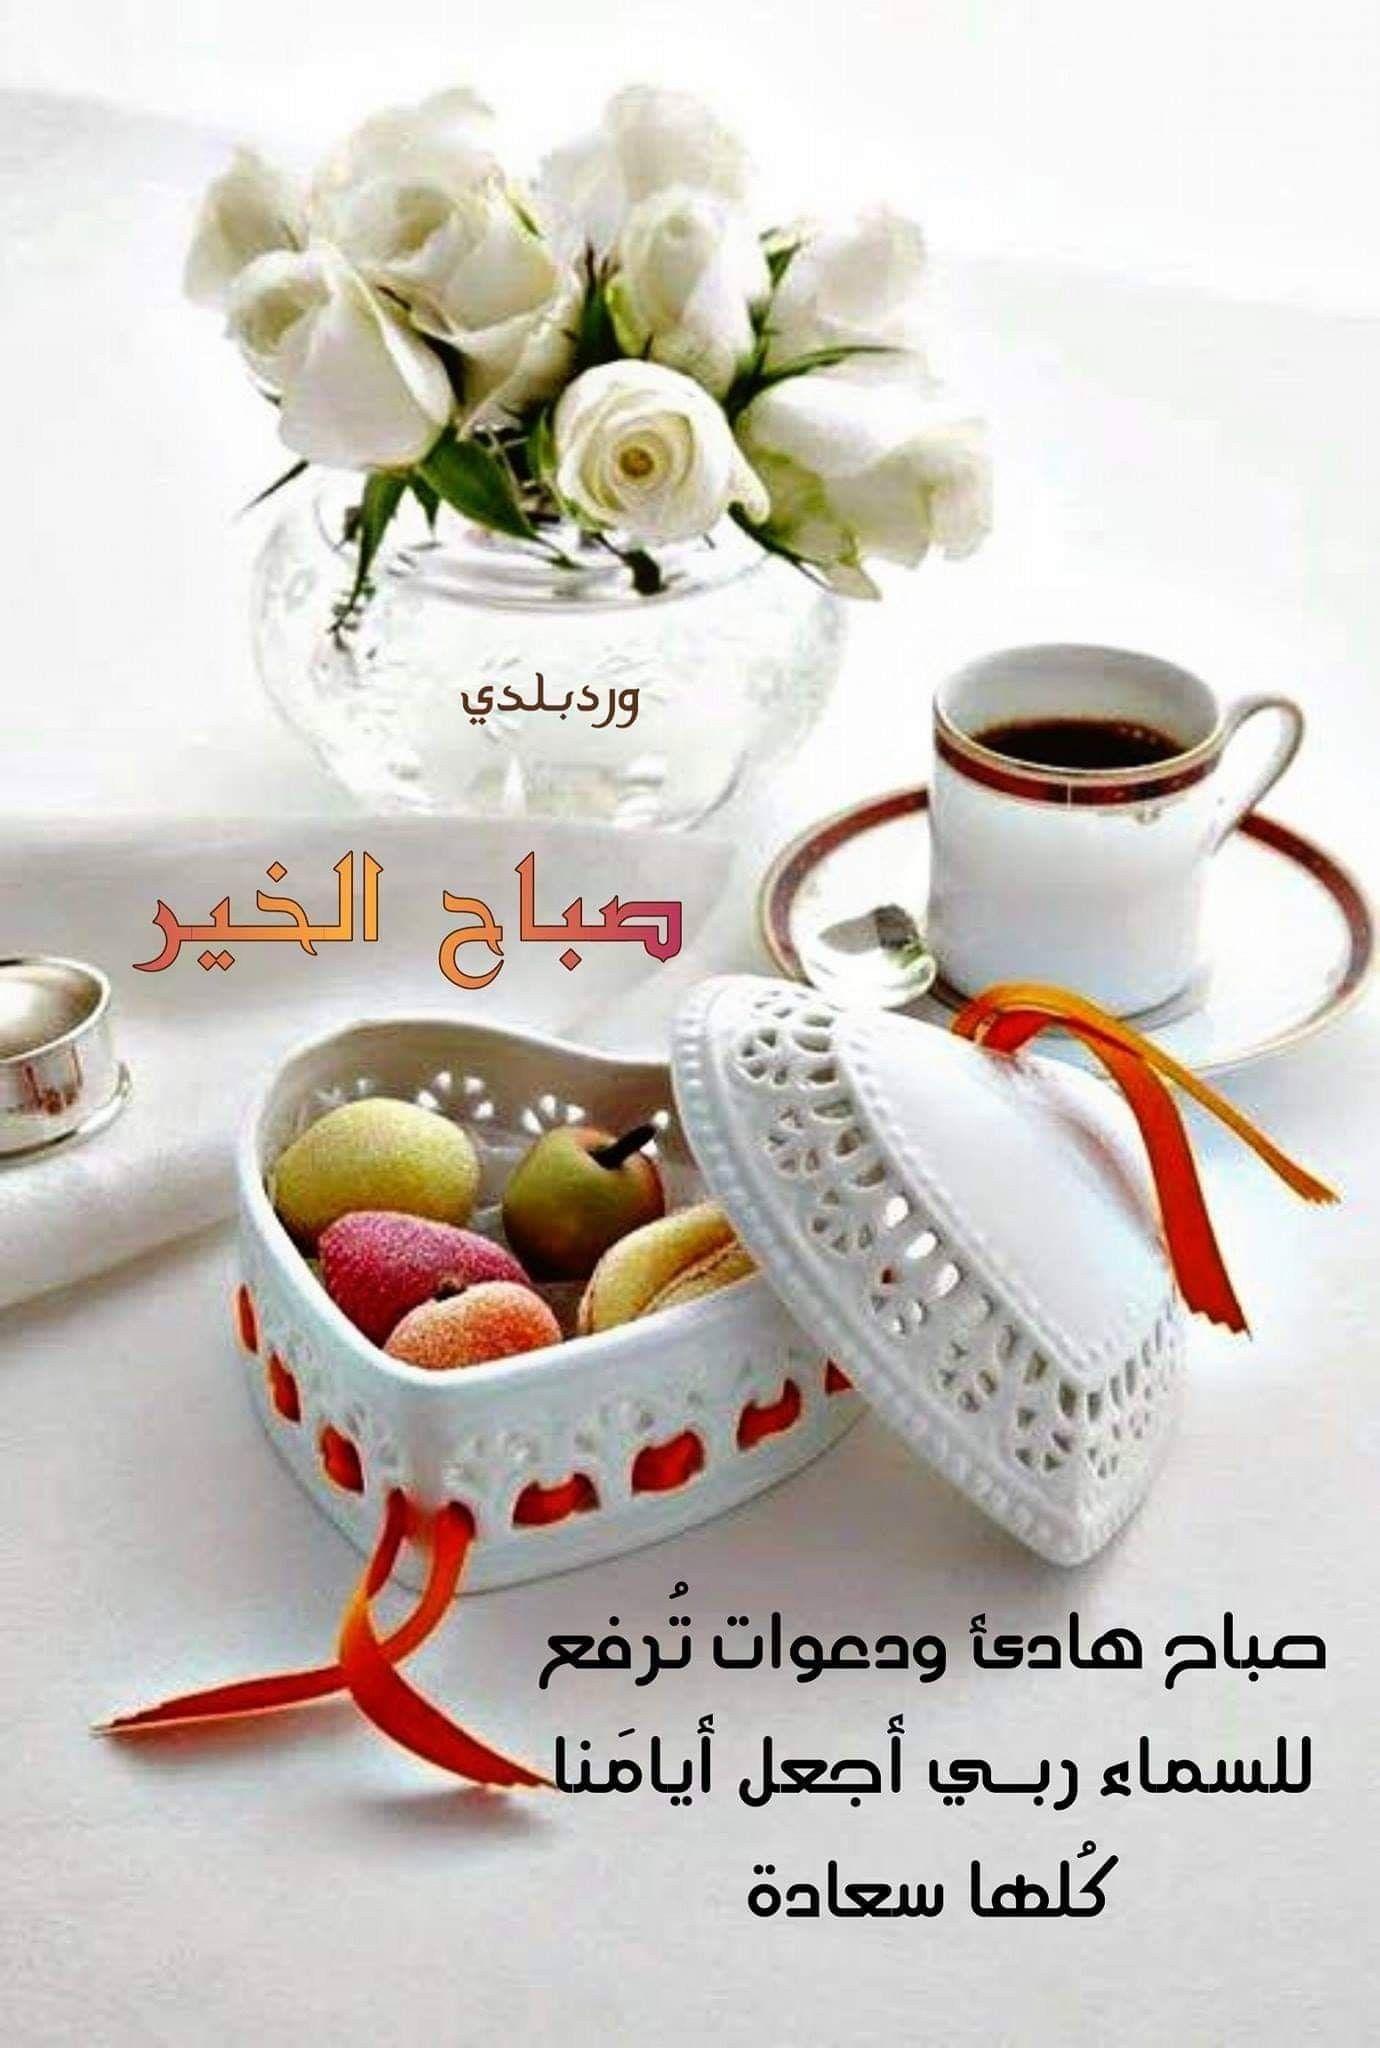 تشرق شمس يوم جميــــل فلا تحن لشيء مثل حنين الإخــــاء ولا يطربك شيء أحلى من الود والوفــــاء Good Morning Coffee Coffee Facts Coffee Love